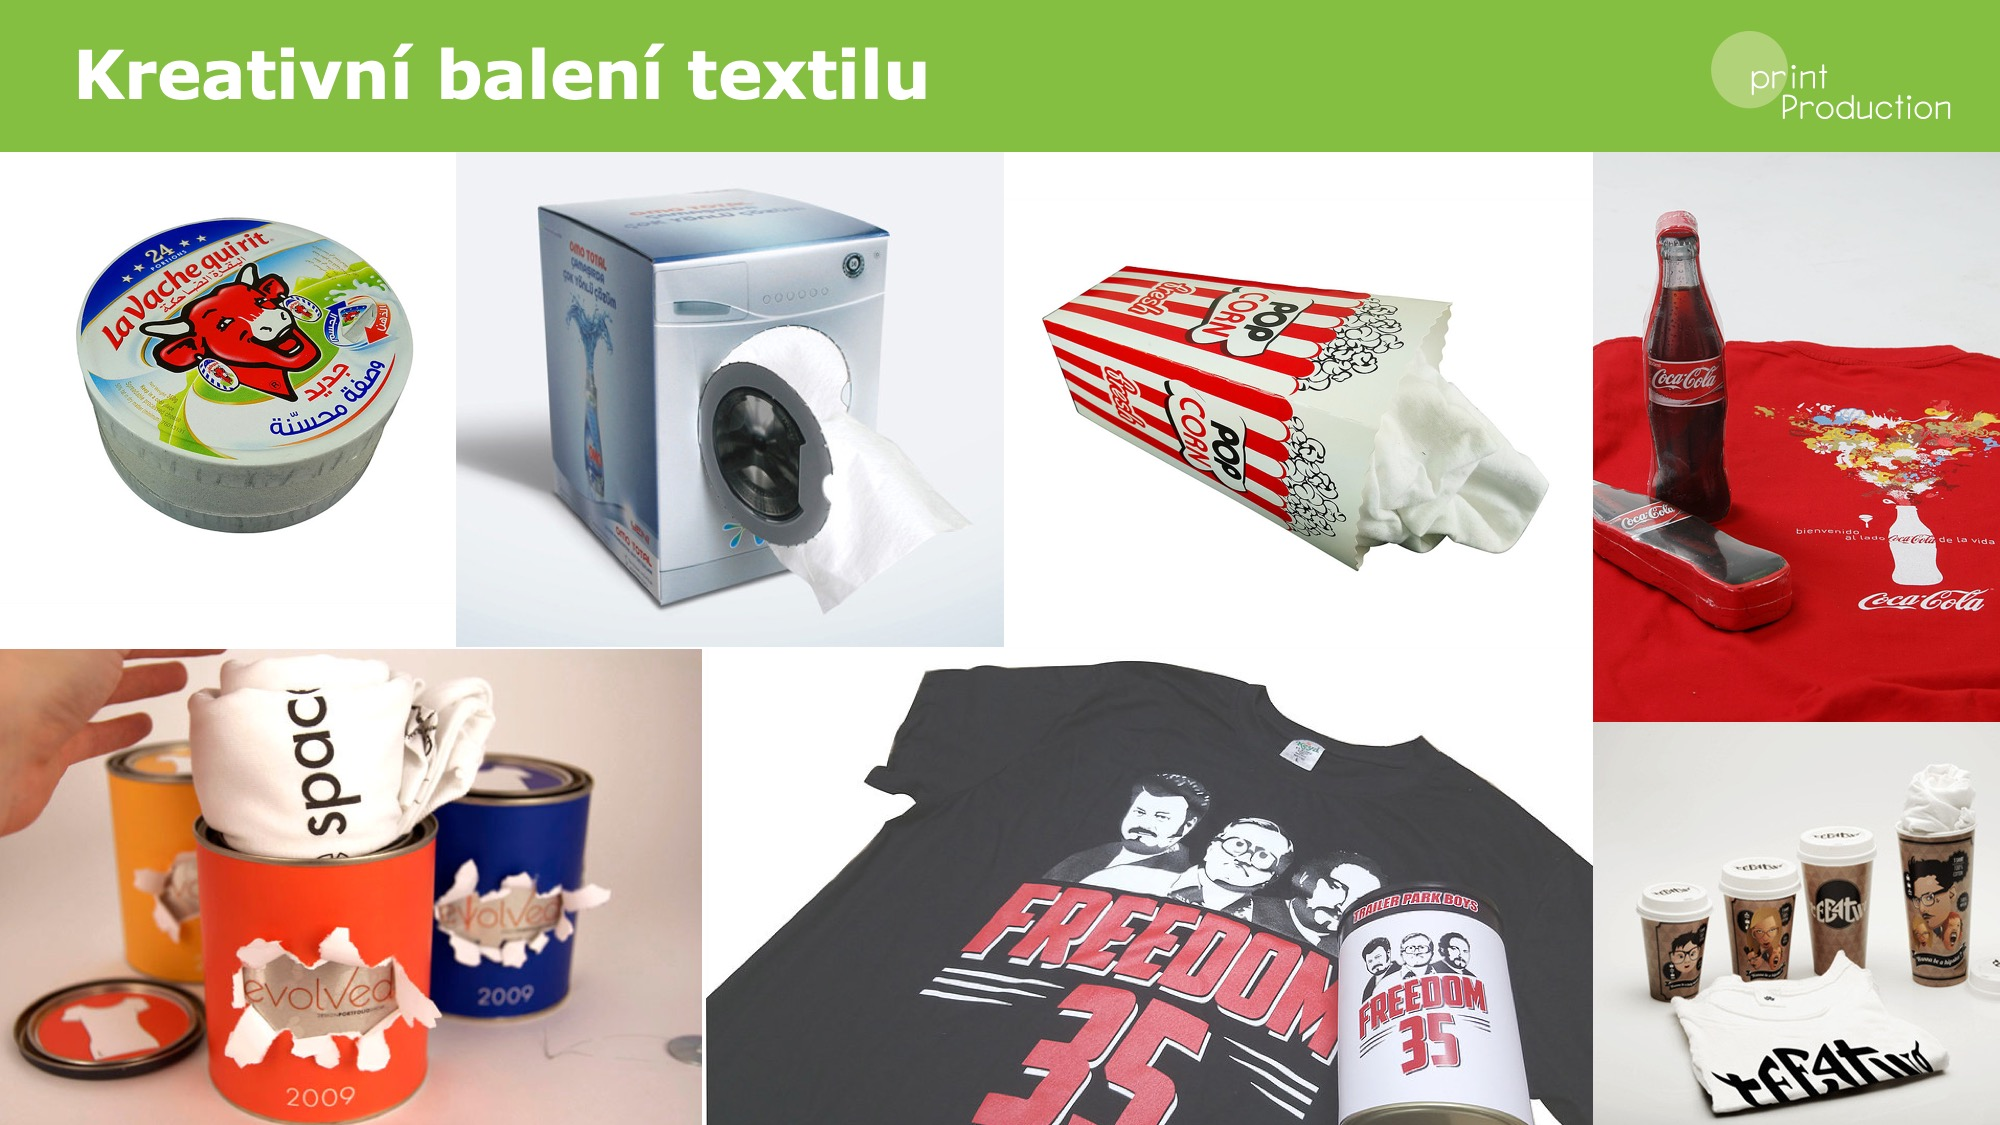 Kreativní balení textilu